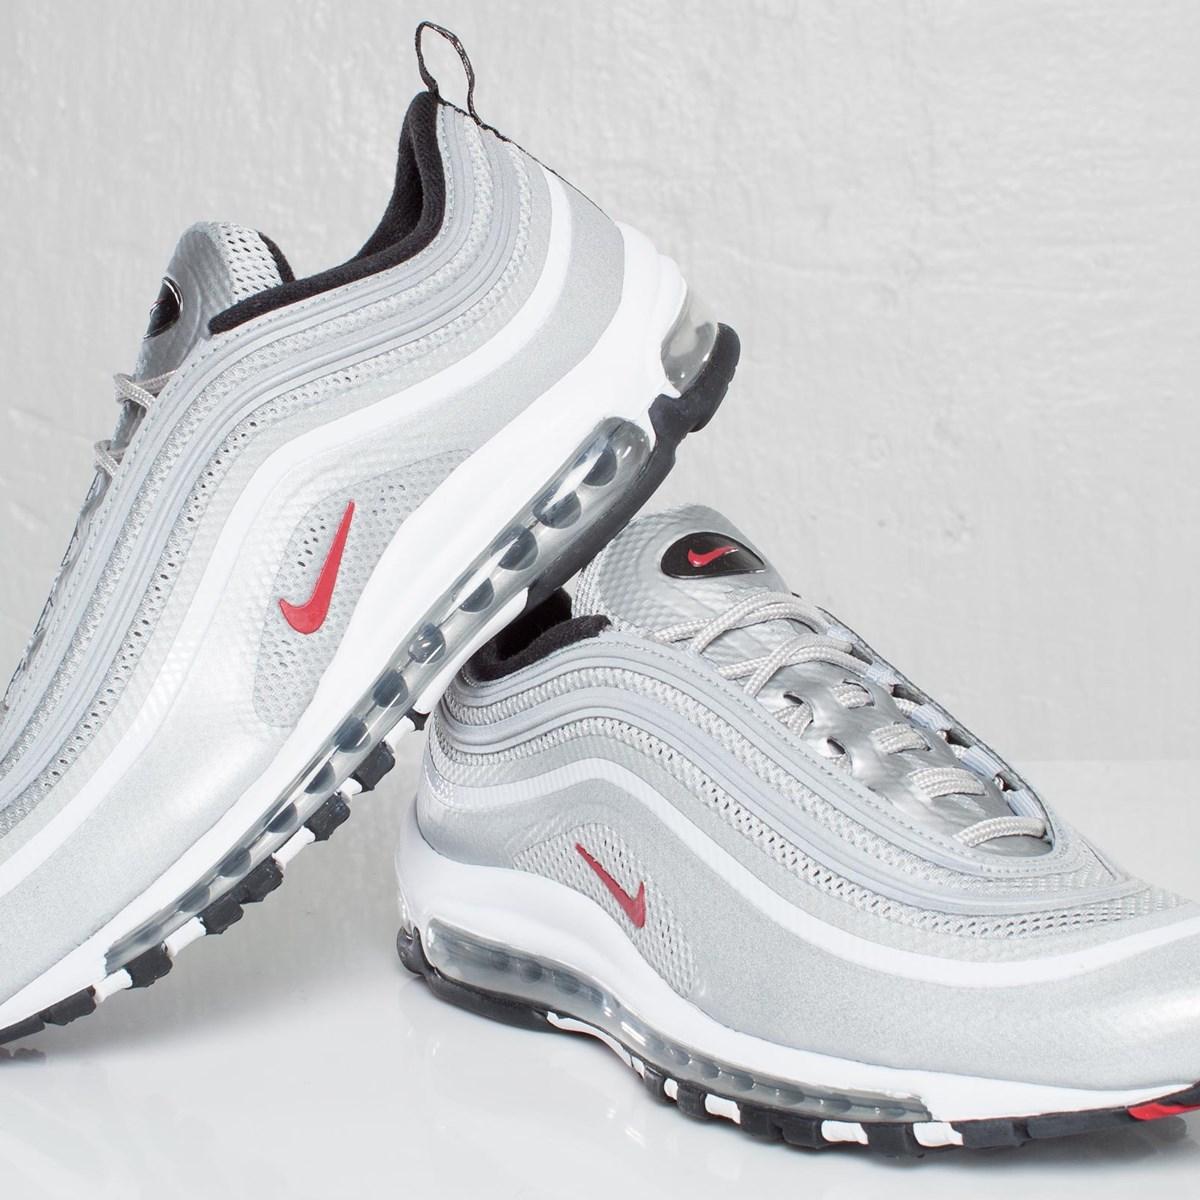 Nike Air Max 97 Premium NRG 542427 060 Sneakersnstuff